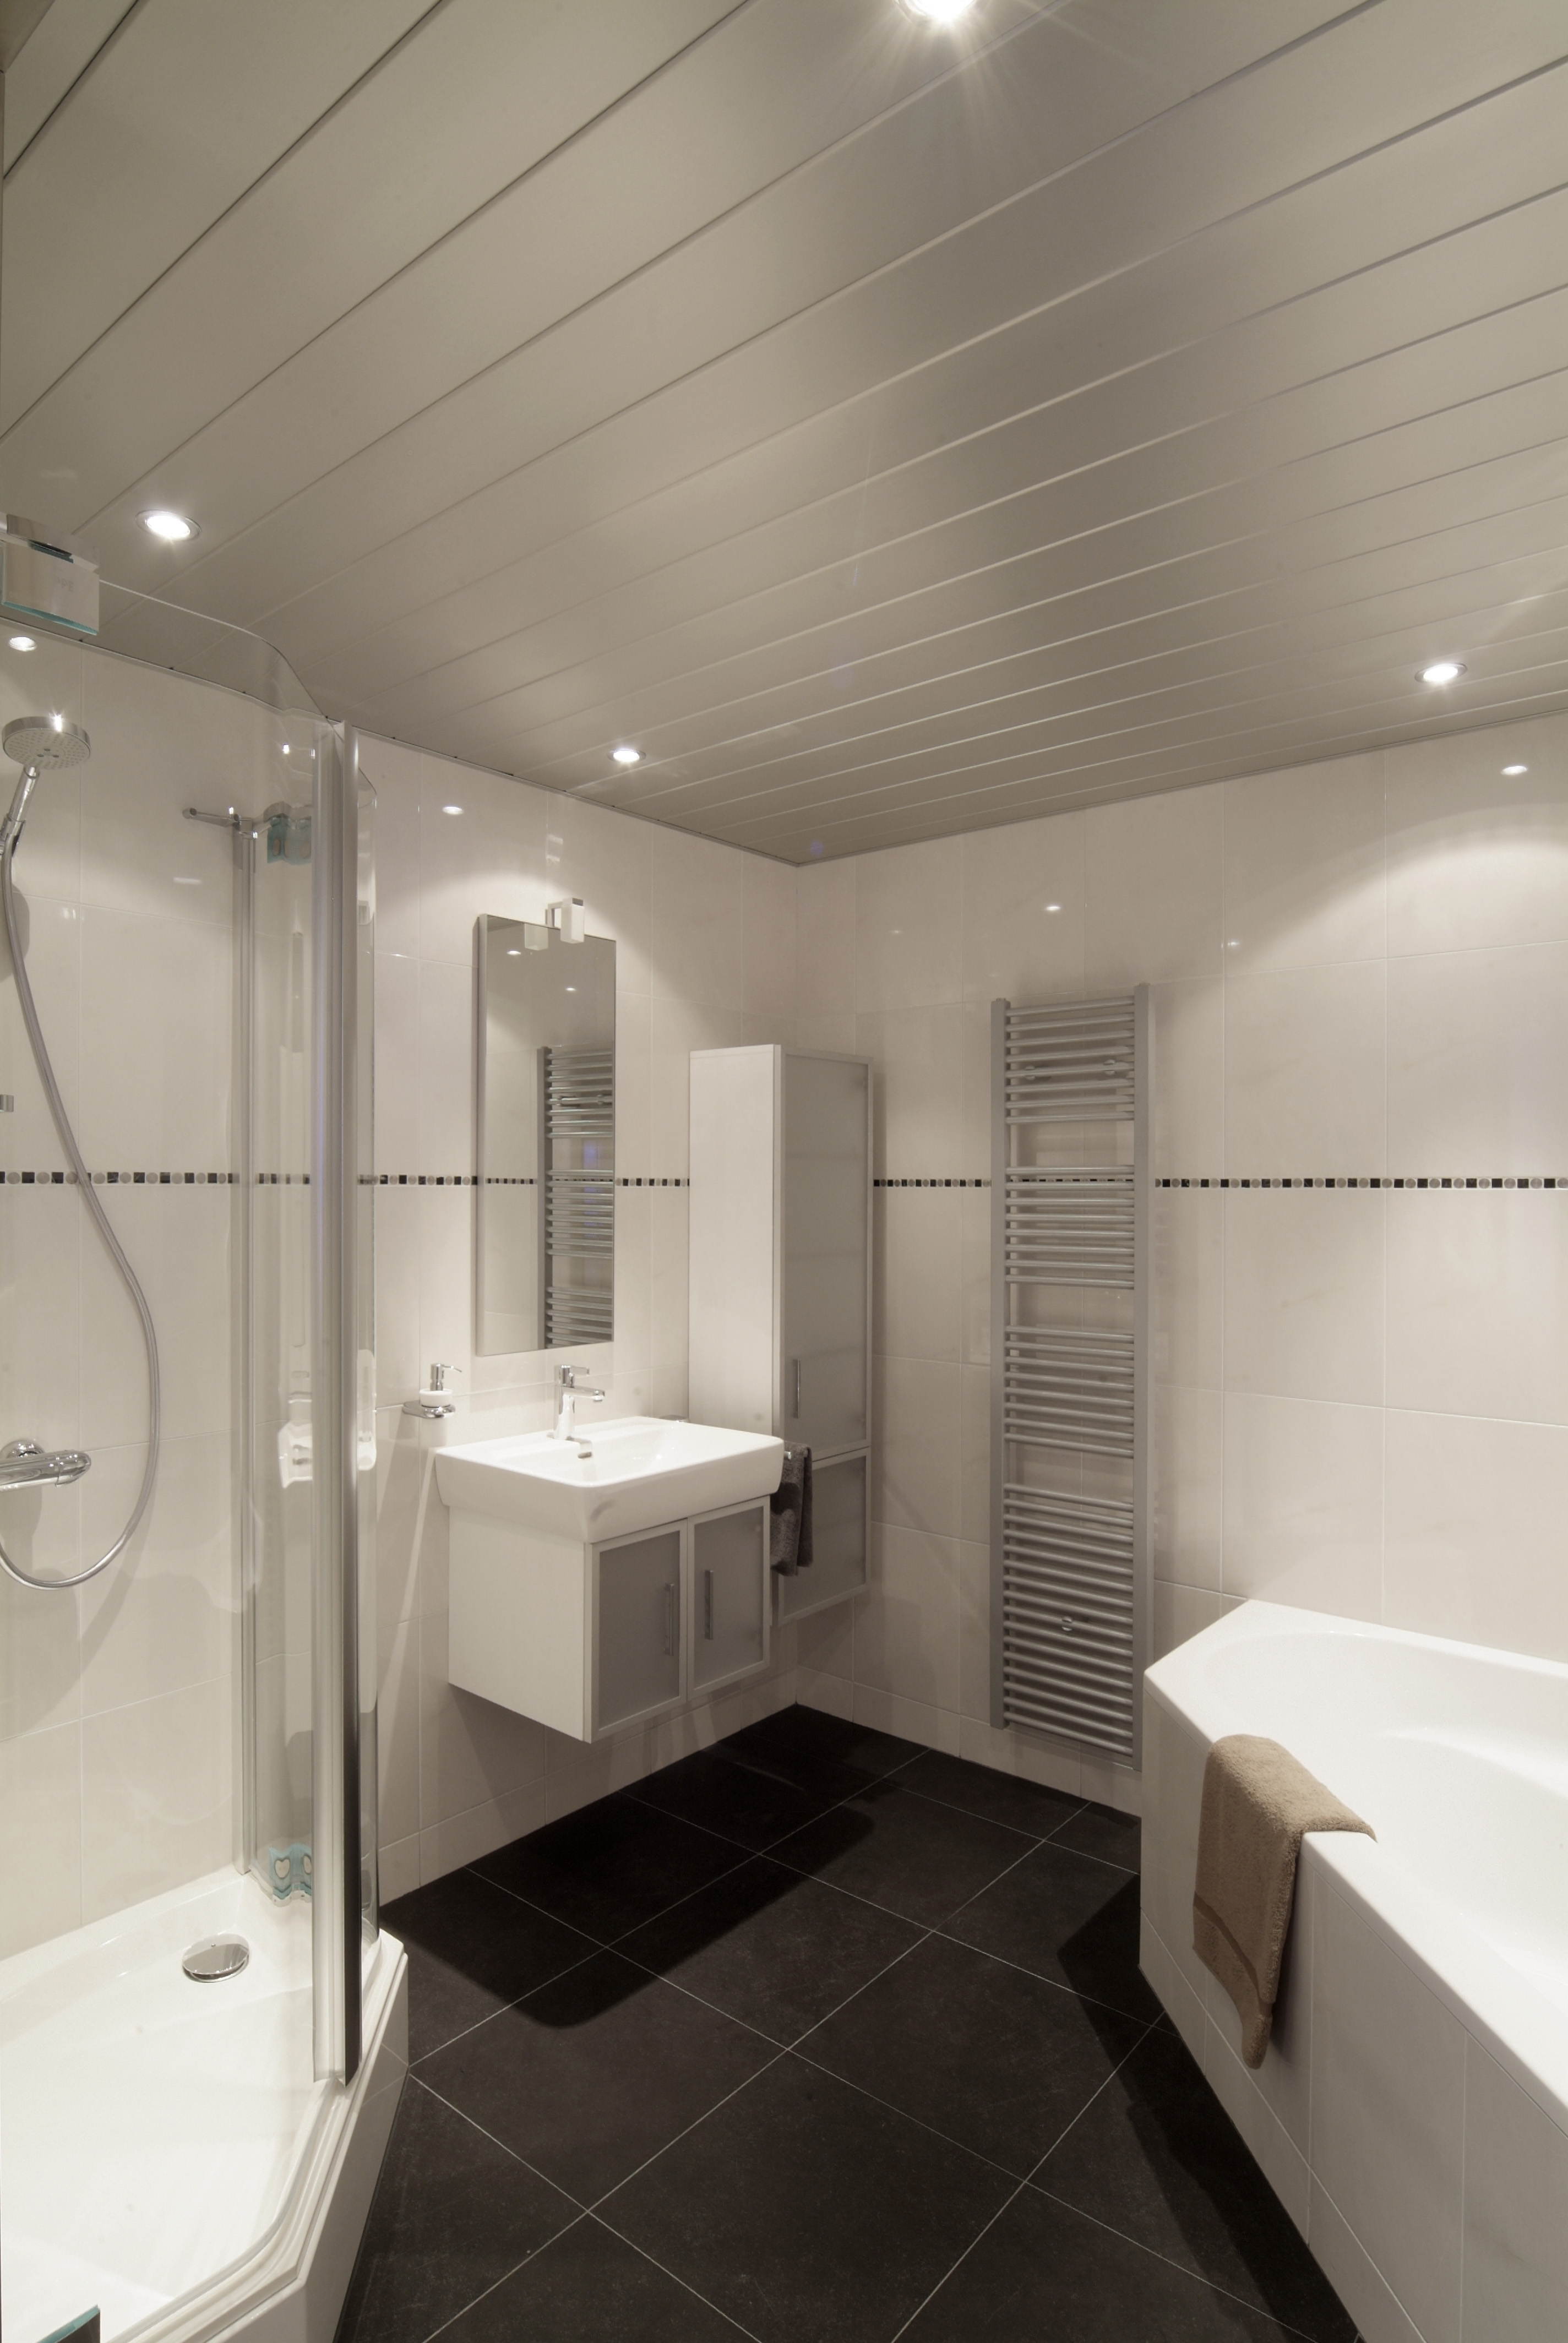 Badkamer Plafond : Badkamer plafond verf verwijderen. Plafond badkamer ...